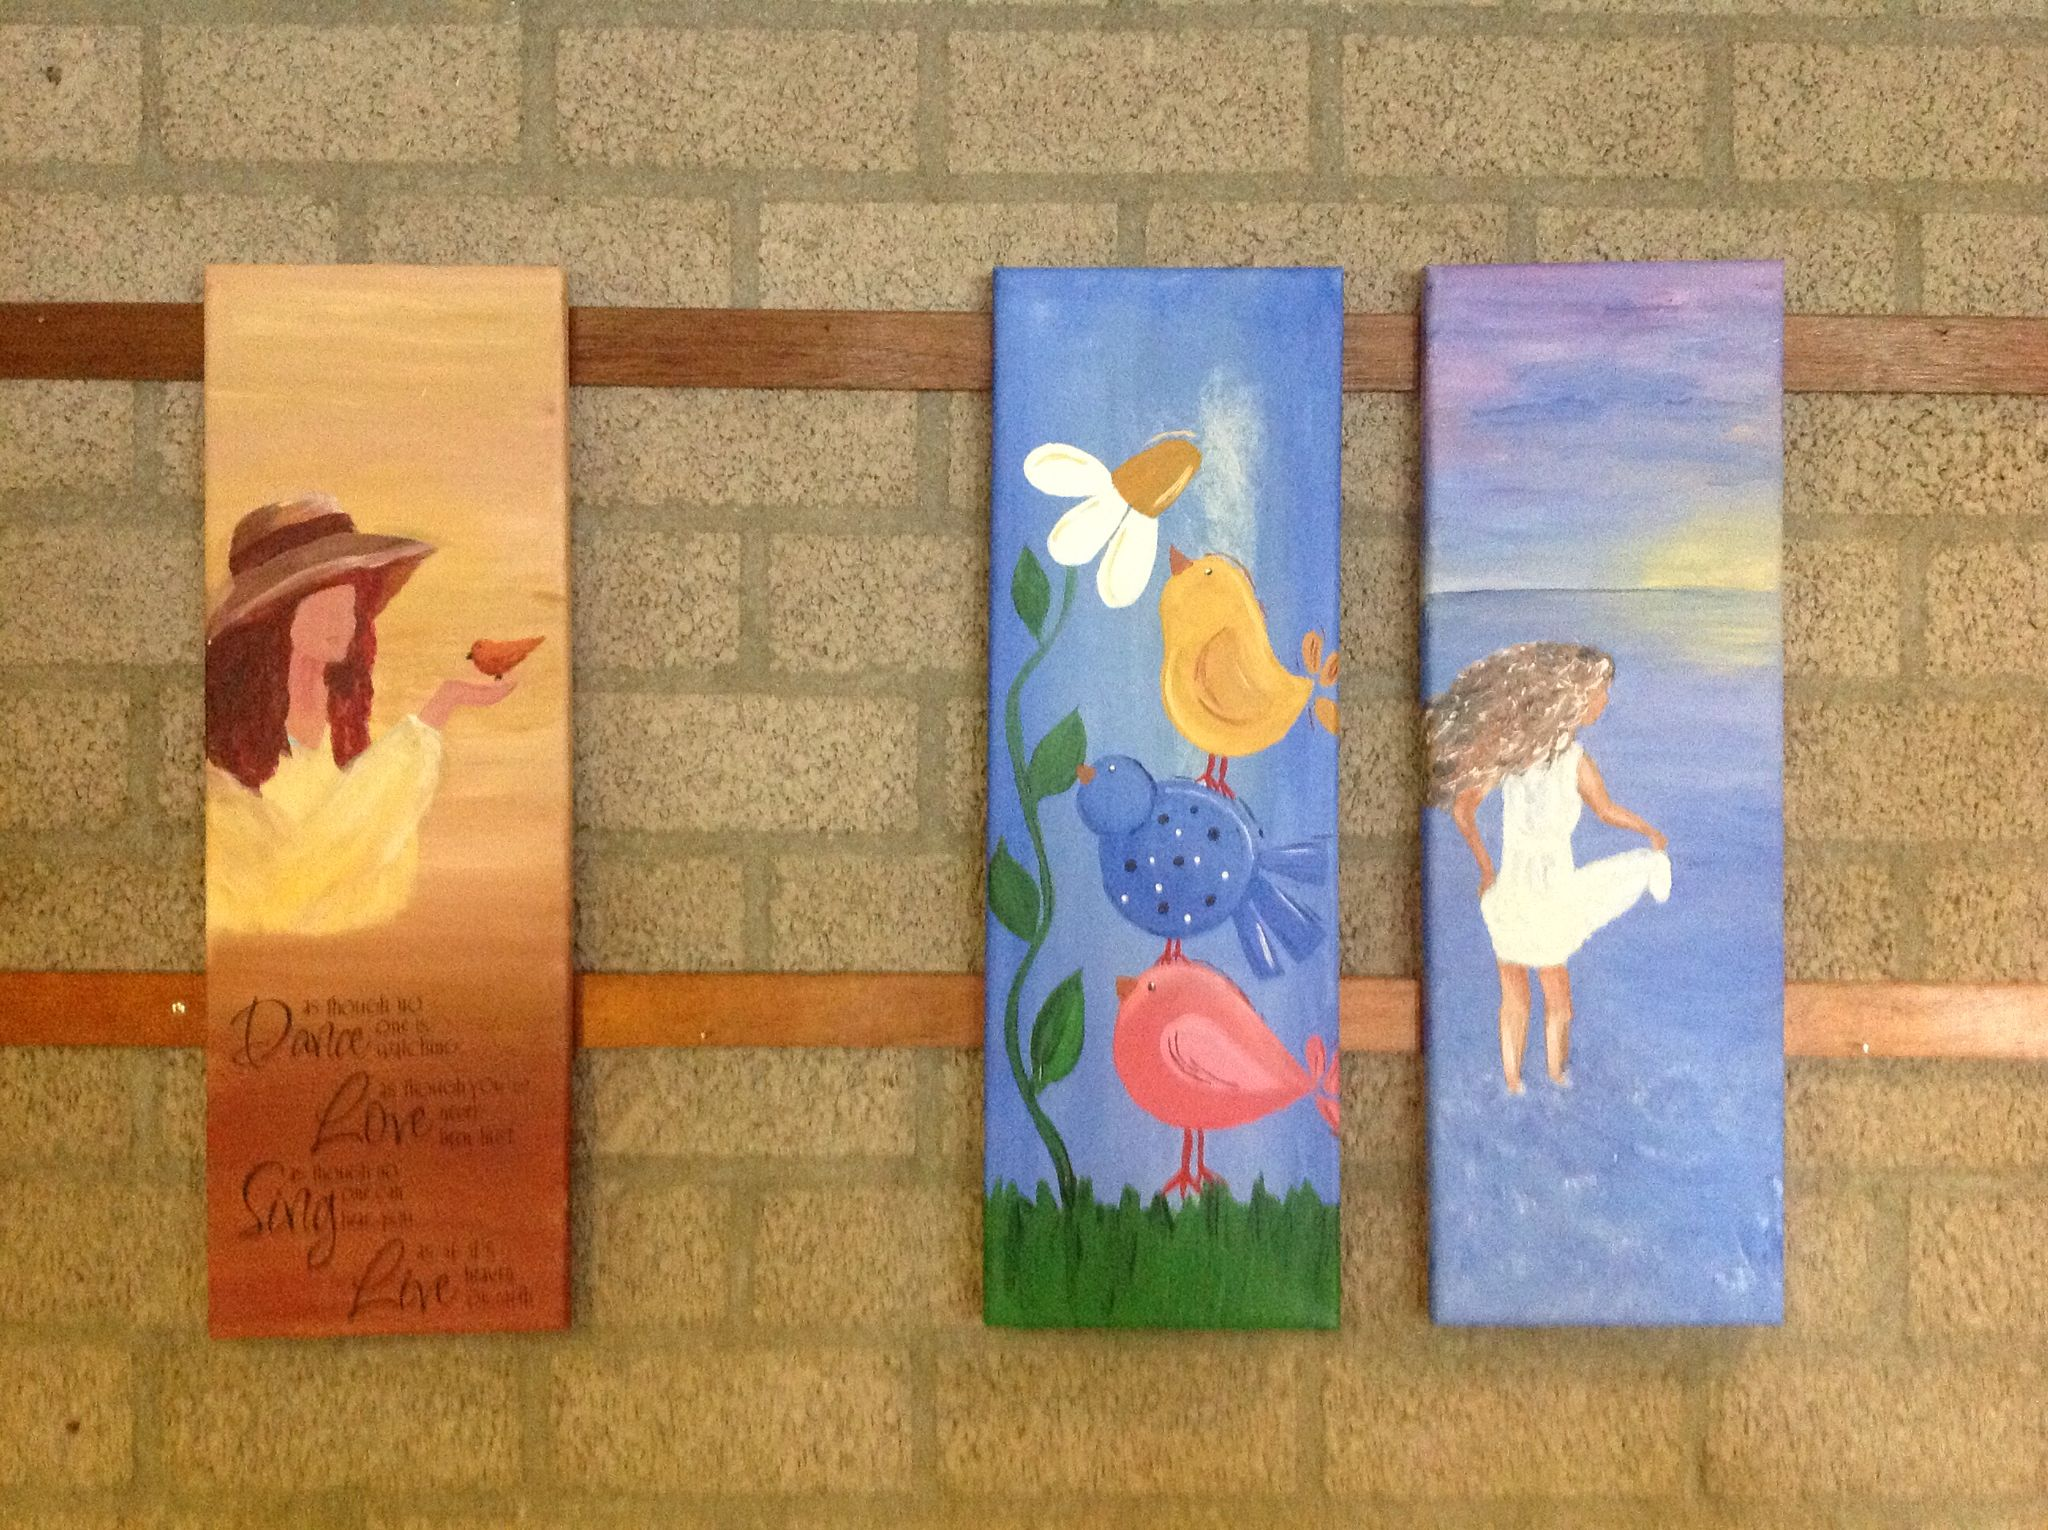 Mijn schilderijen tentoon gesteld tijdens open dag wijkgebouw